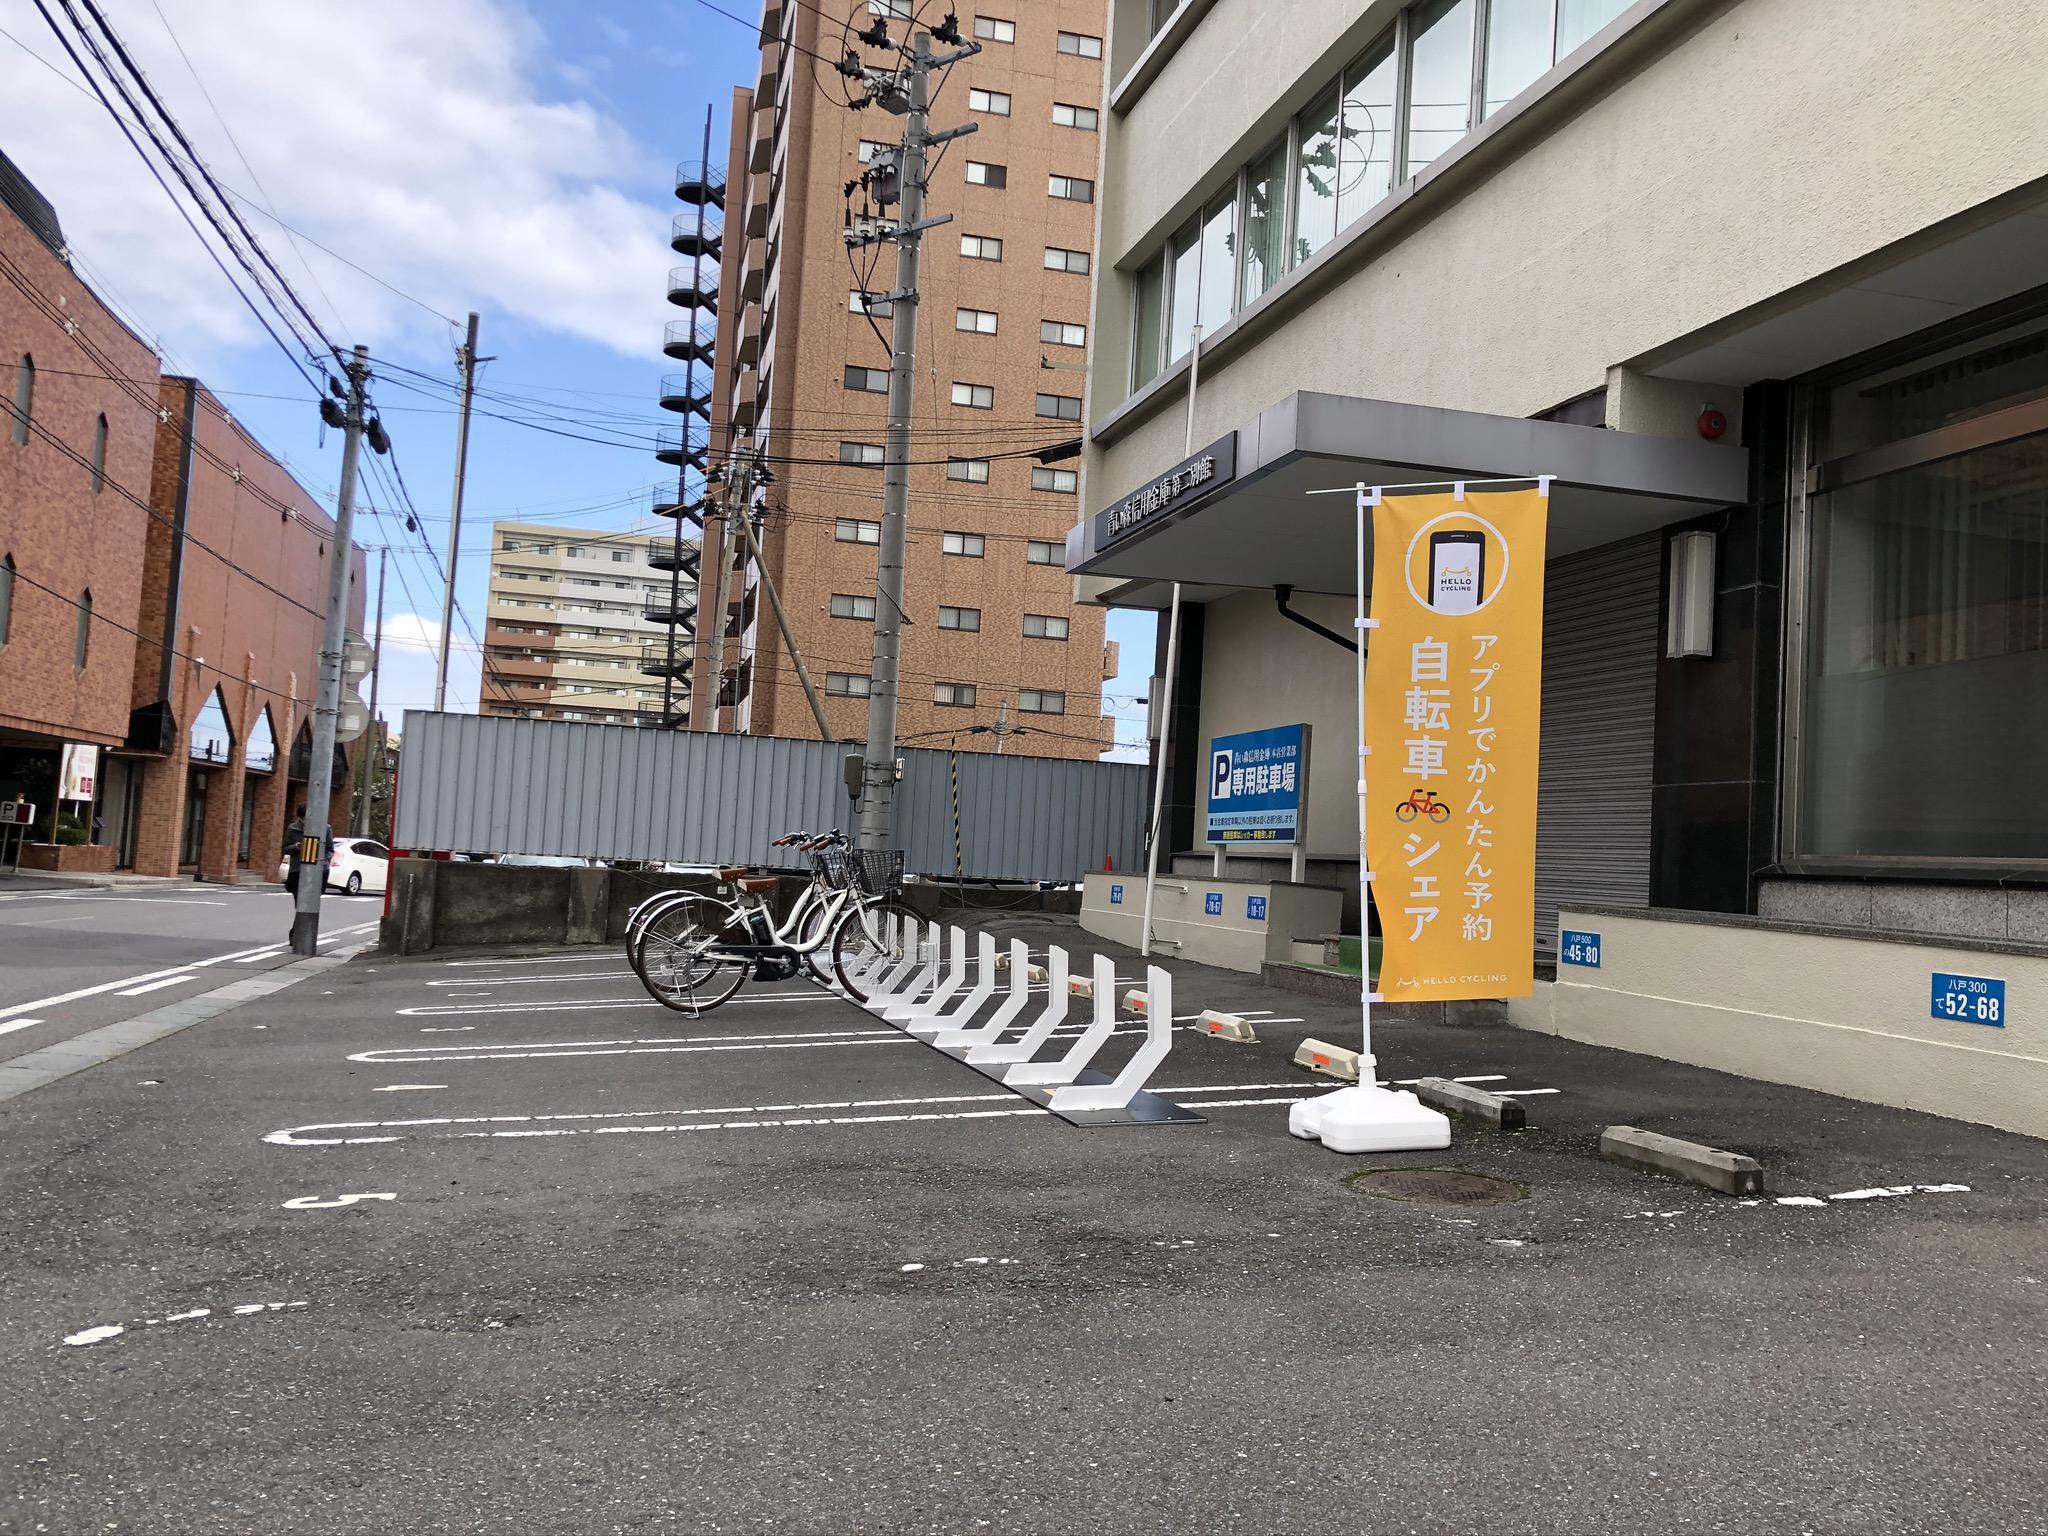 青い森信用金庫 本店第二別館 (HELLO CYCLING ポート) image